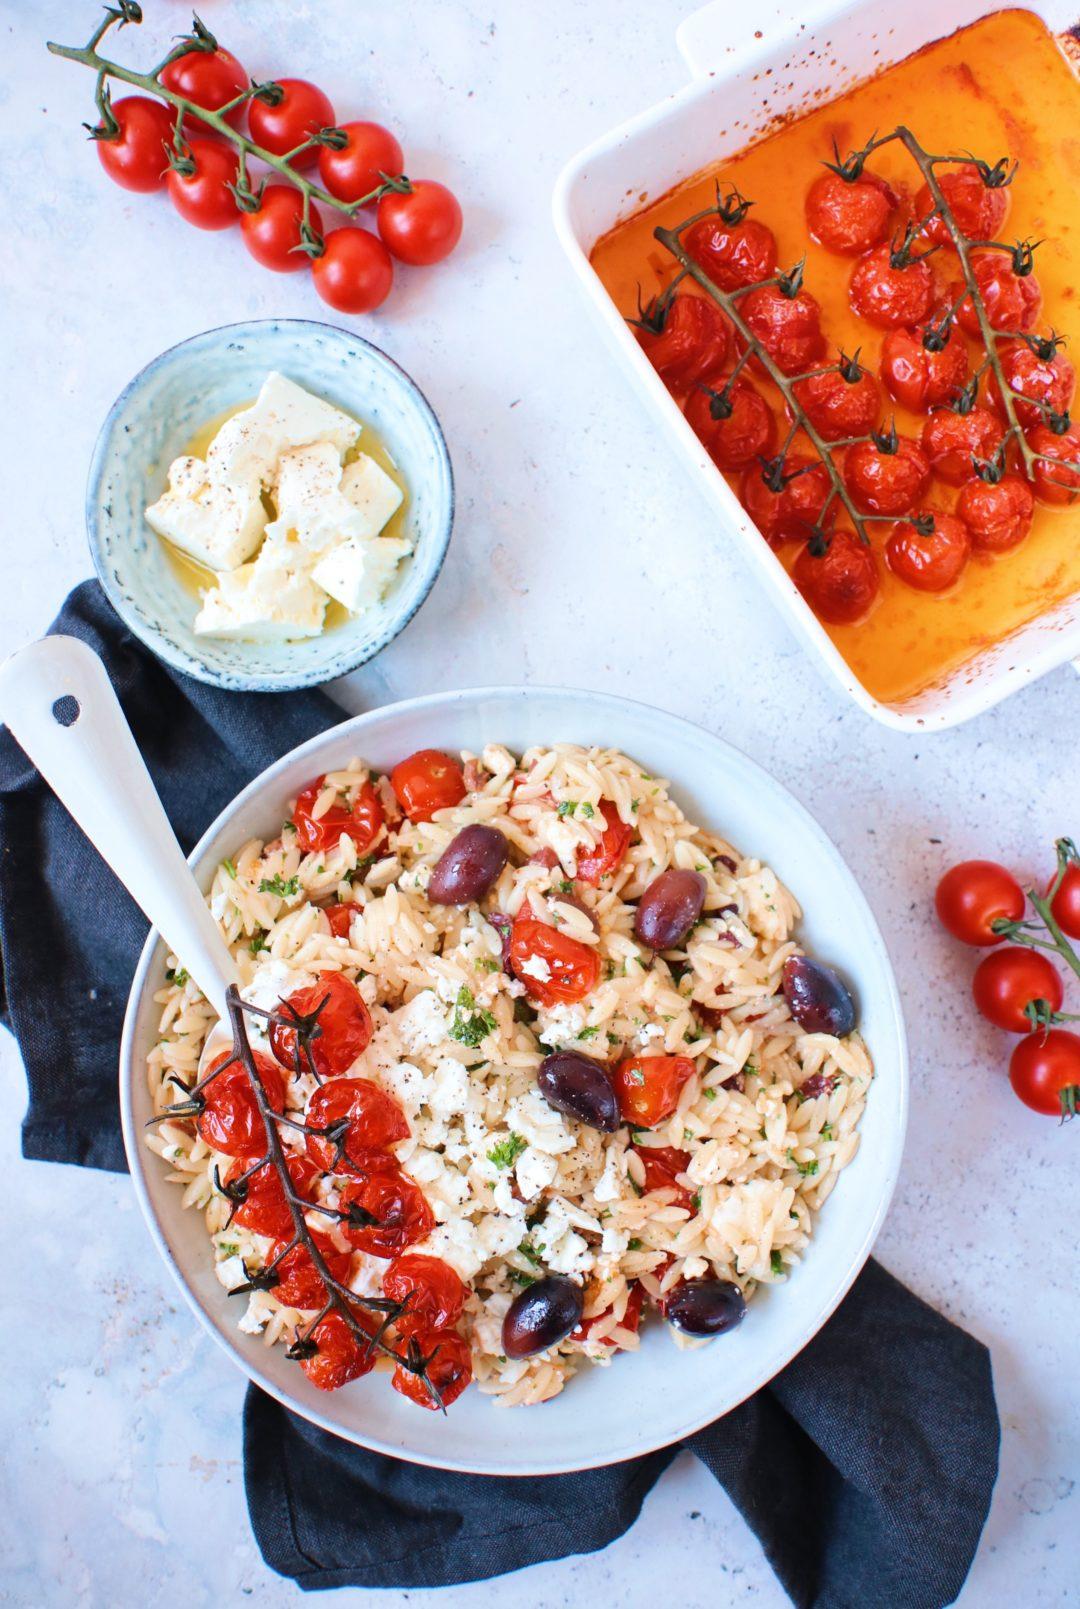 Recept Griekse orzo salade met honing tomaatjes www.jaimyskitchen.nl